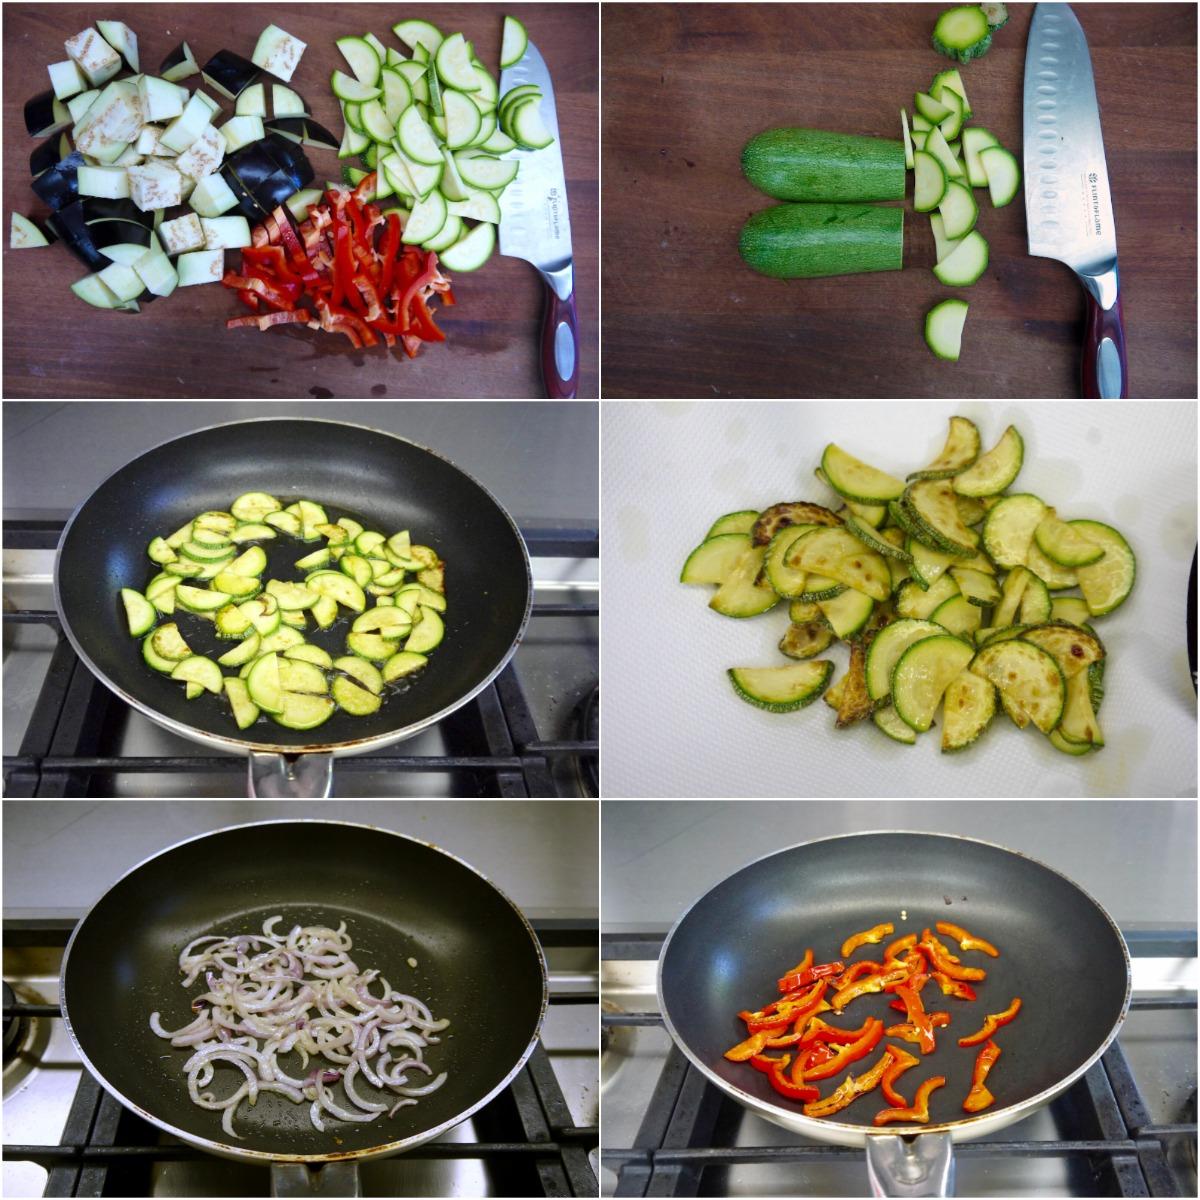 προετοιμάζοντας τα λαχανικά